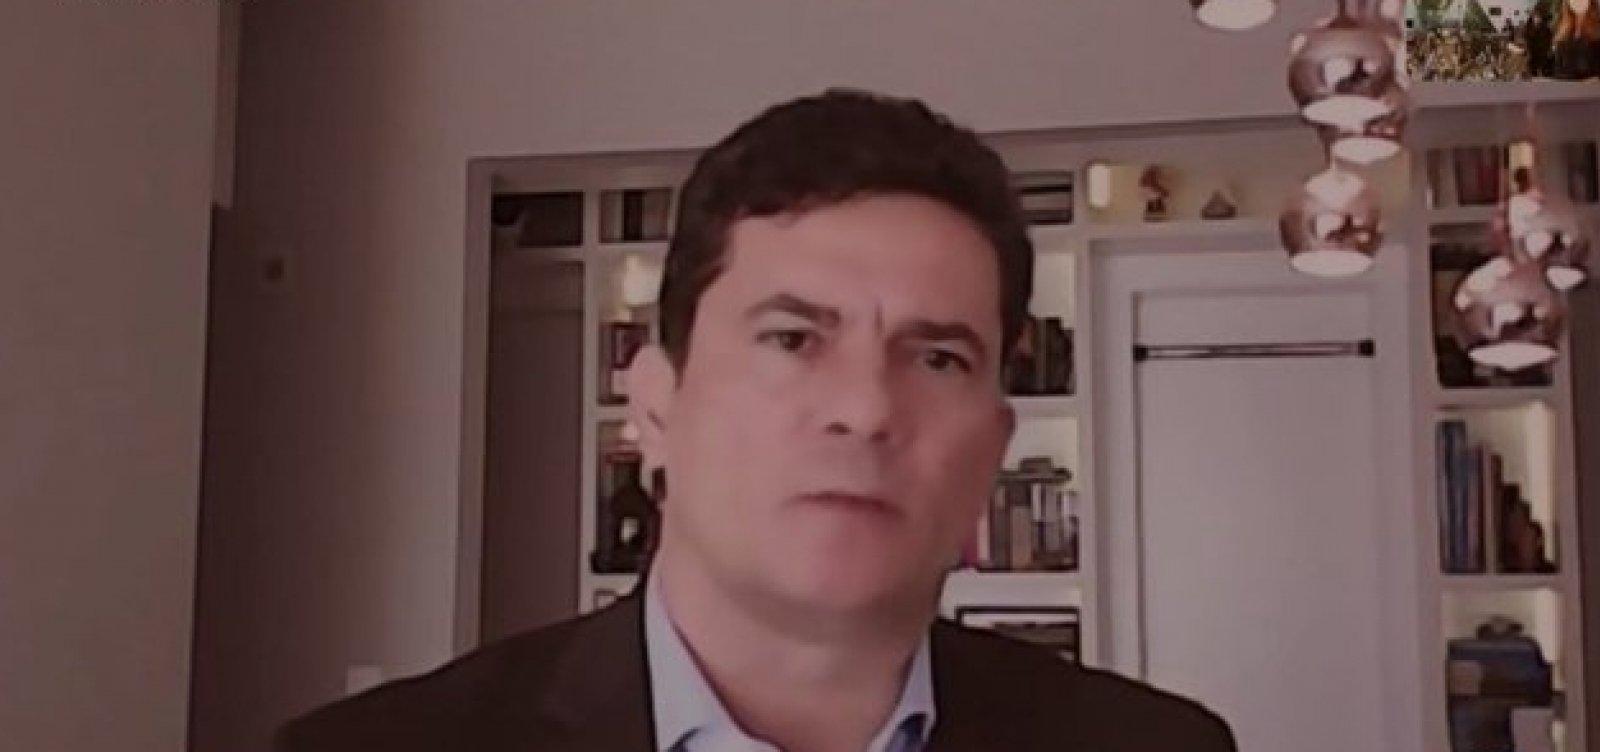 [Moro diz que Bolsonaro não apoiou o combate à corrupção no governo]